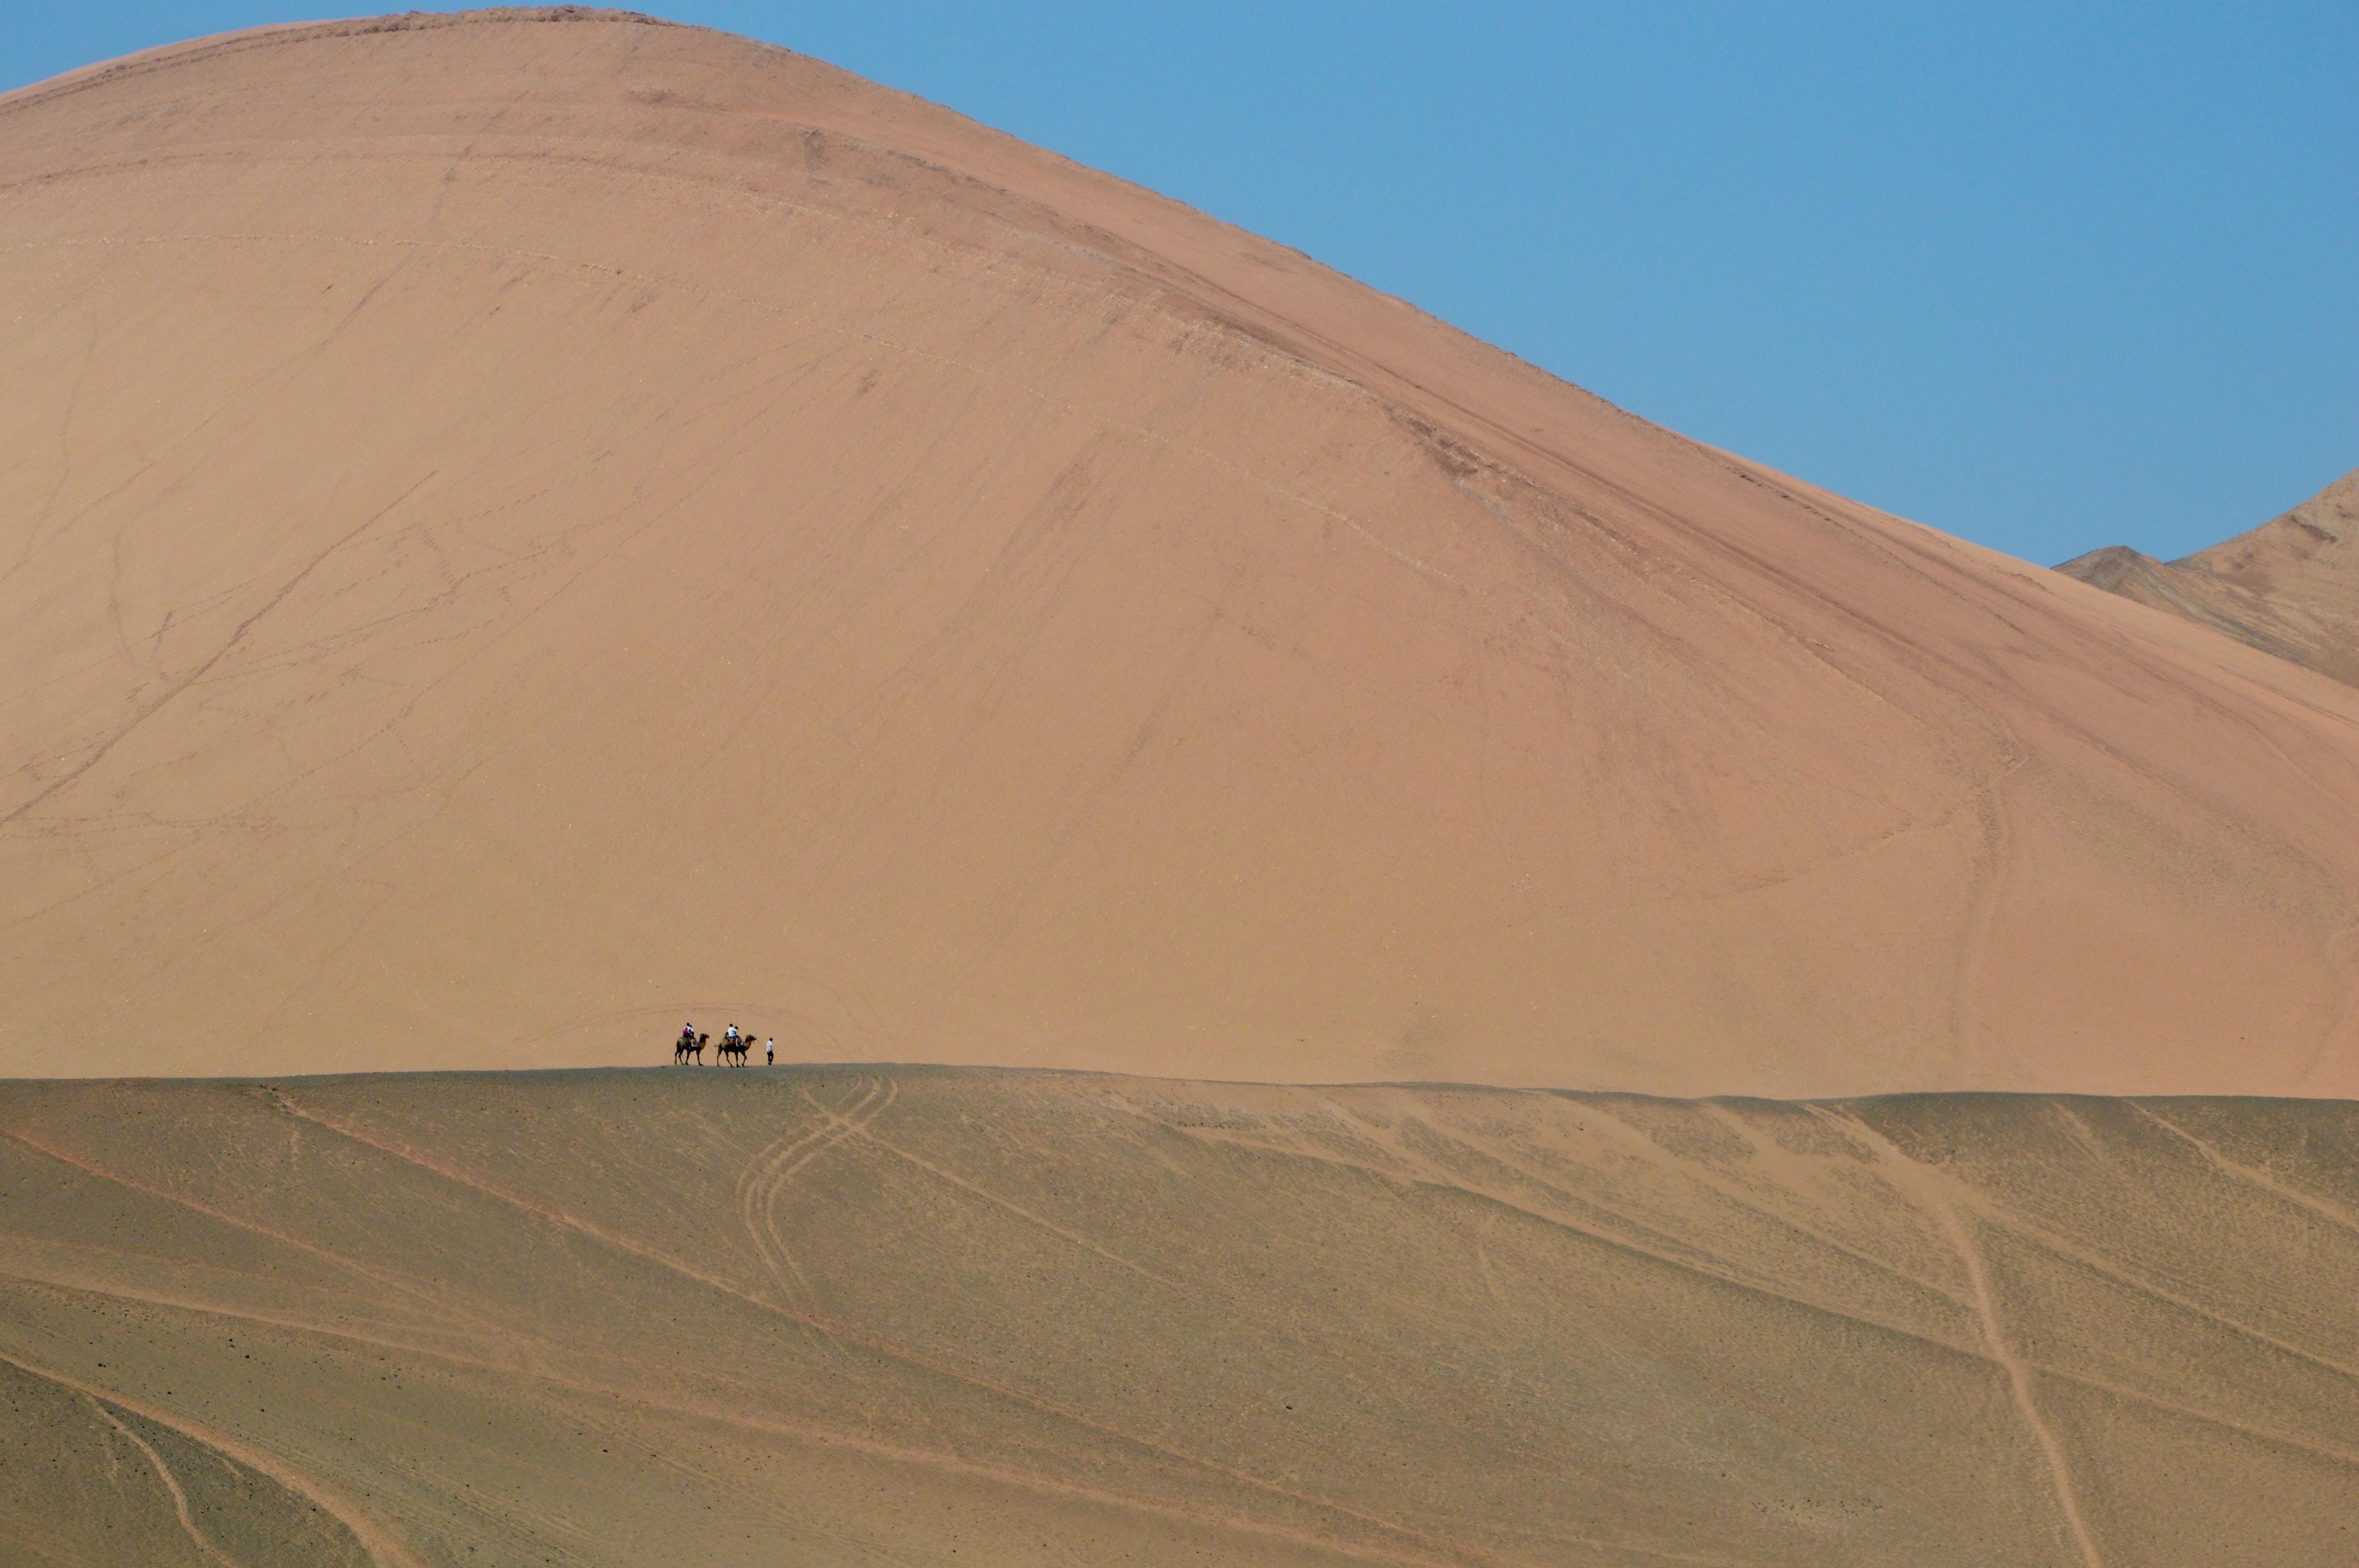 camel on desert during daytime